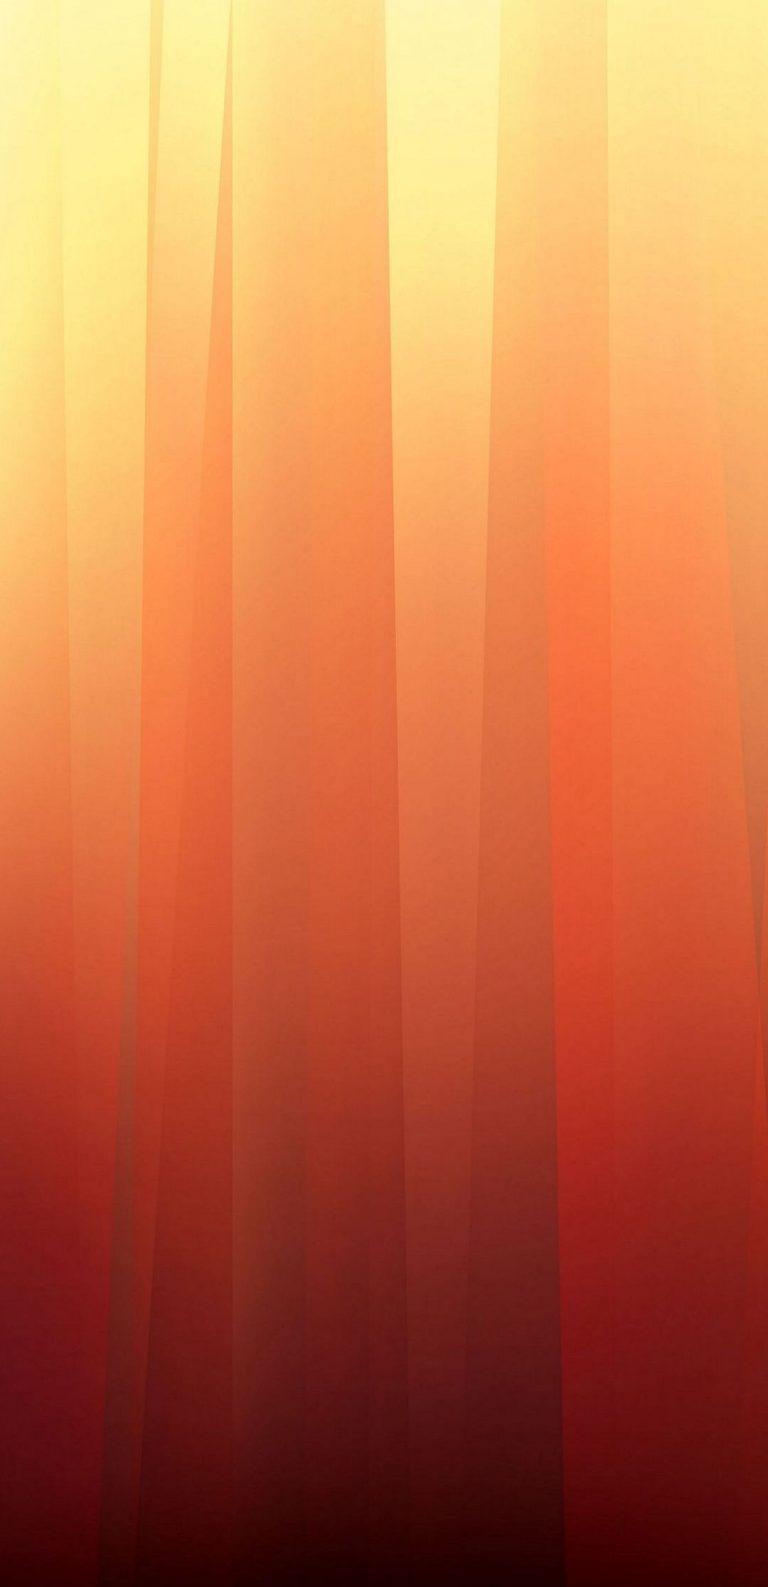 1080x2232 Wallpaper 026 768x1587